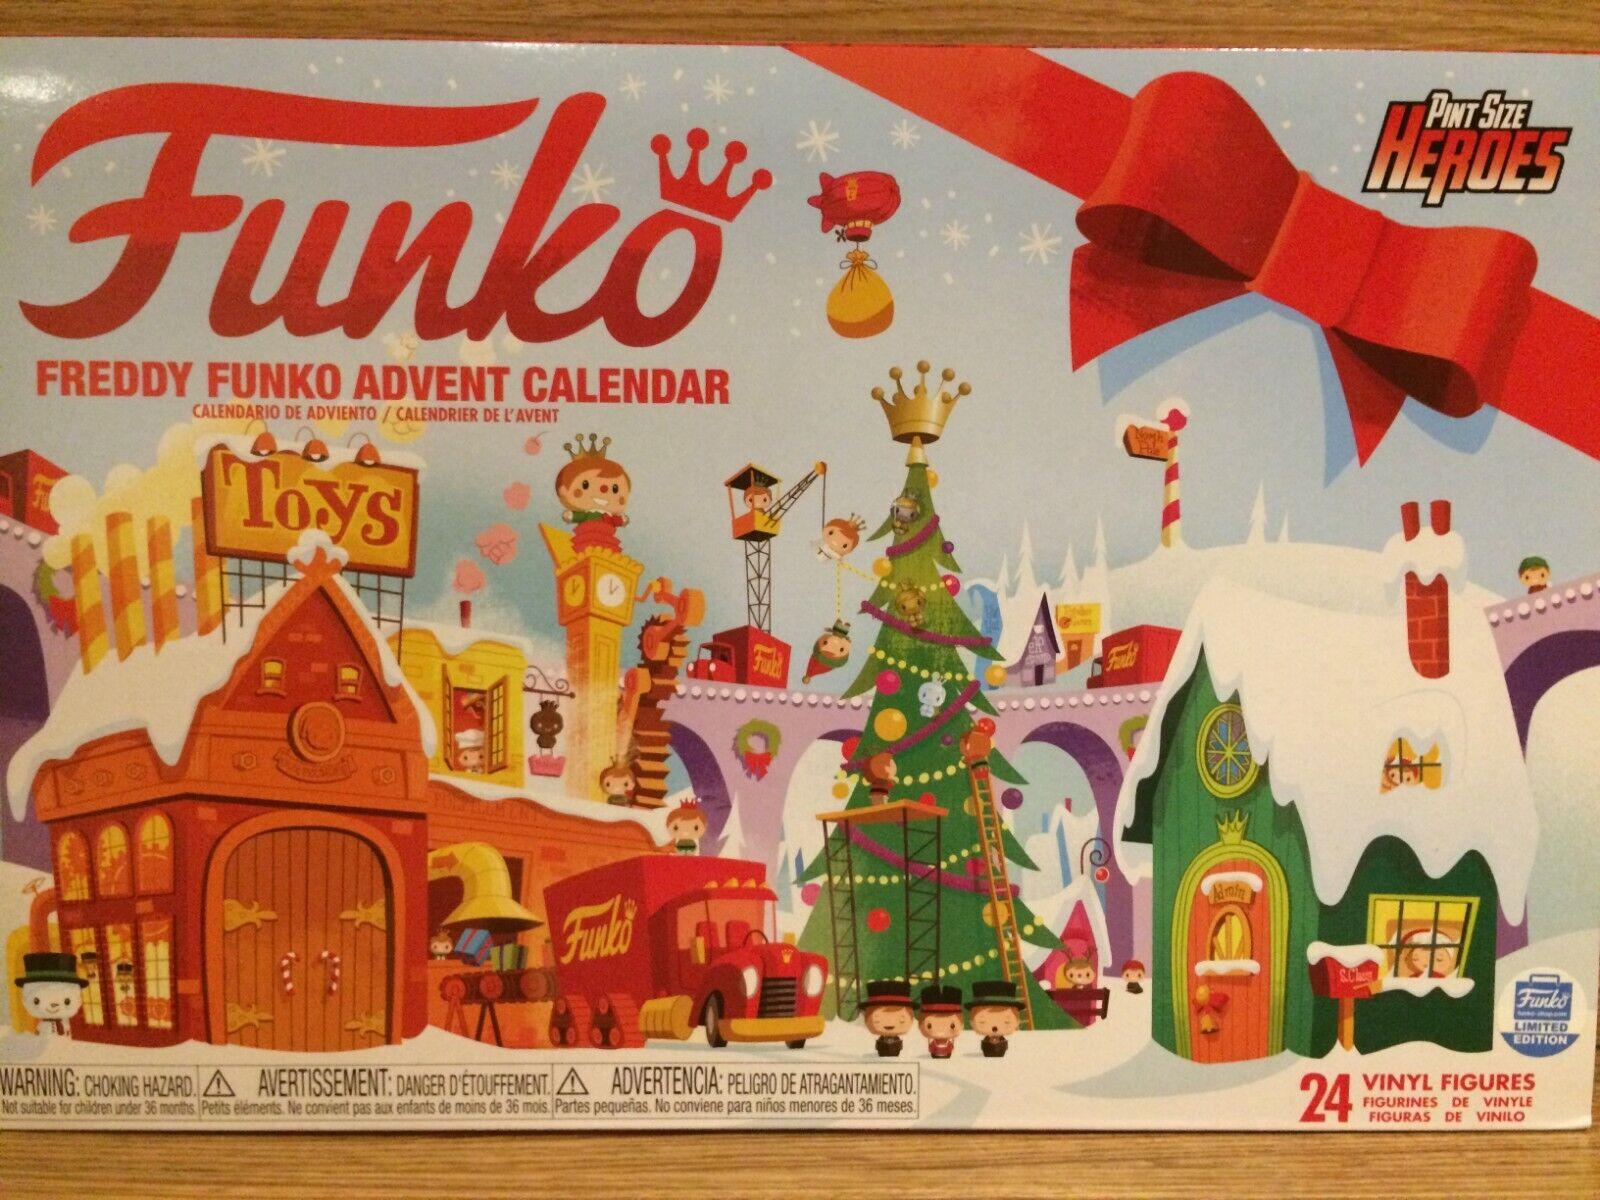 Frojody Funko Calendario de Adviento pinta tamaño héroes Funko shop Exclusivo 24 figuras